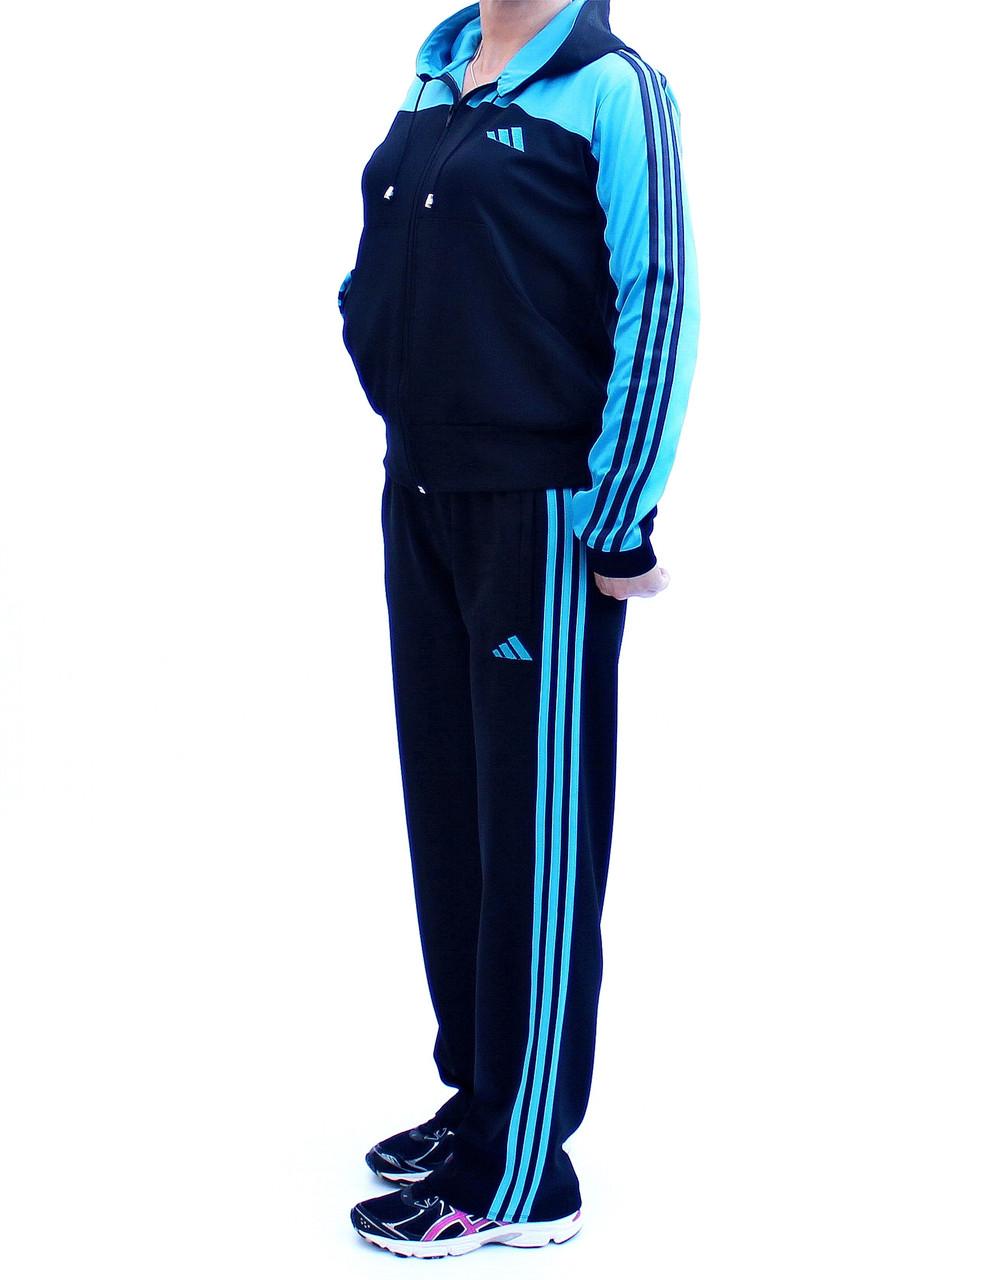 Спортивный костюм размер 46,48,50,52,54,56,58,60,62,64